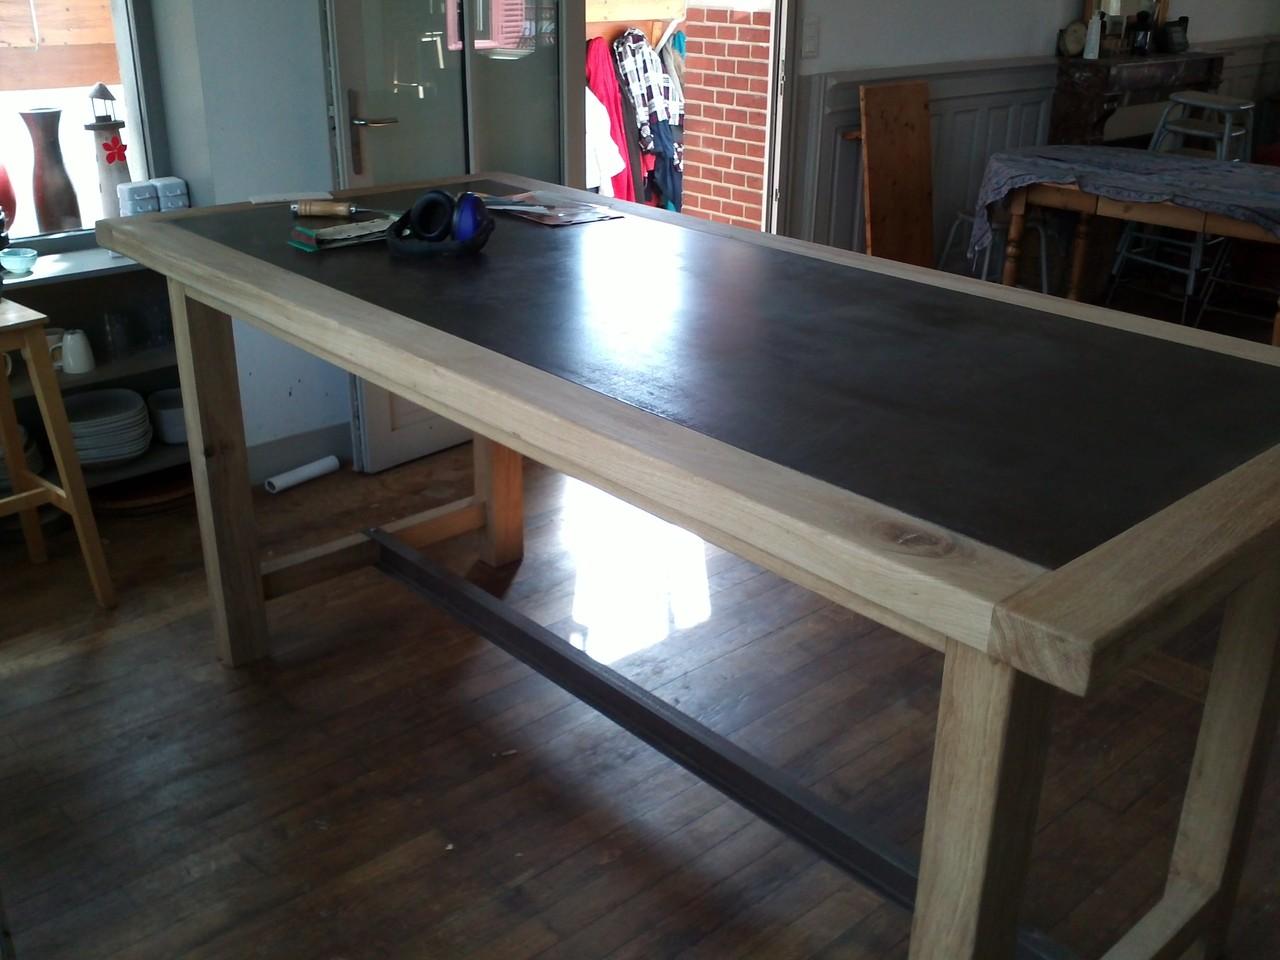 Réalisation d'une table à partir d'un marbre d'imprimerie